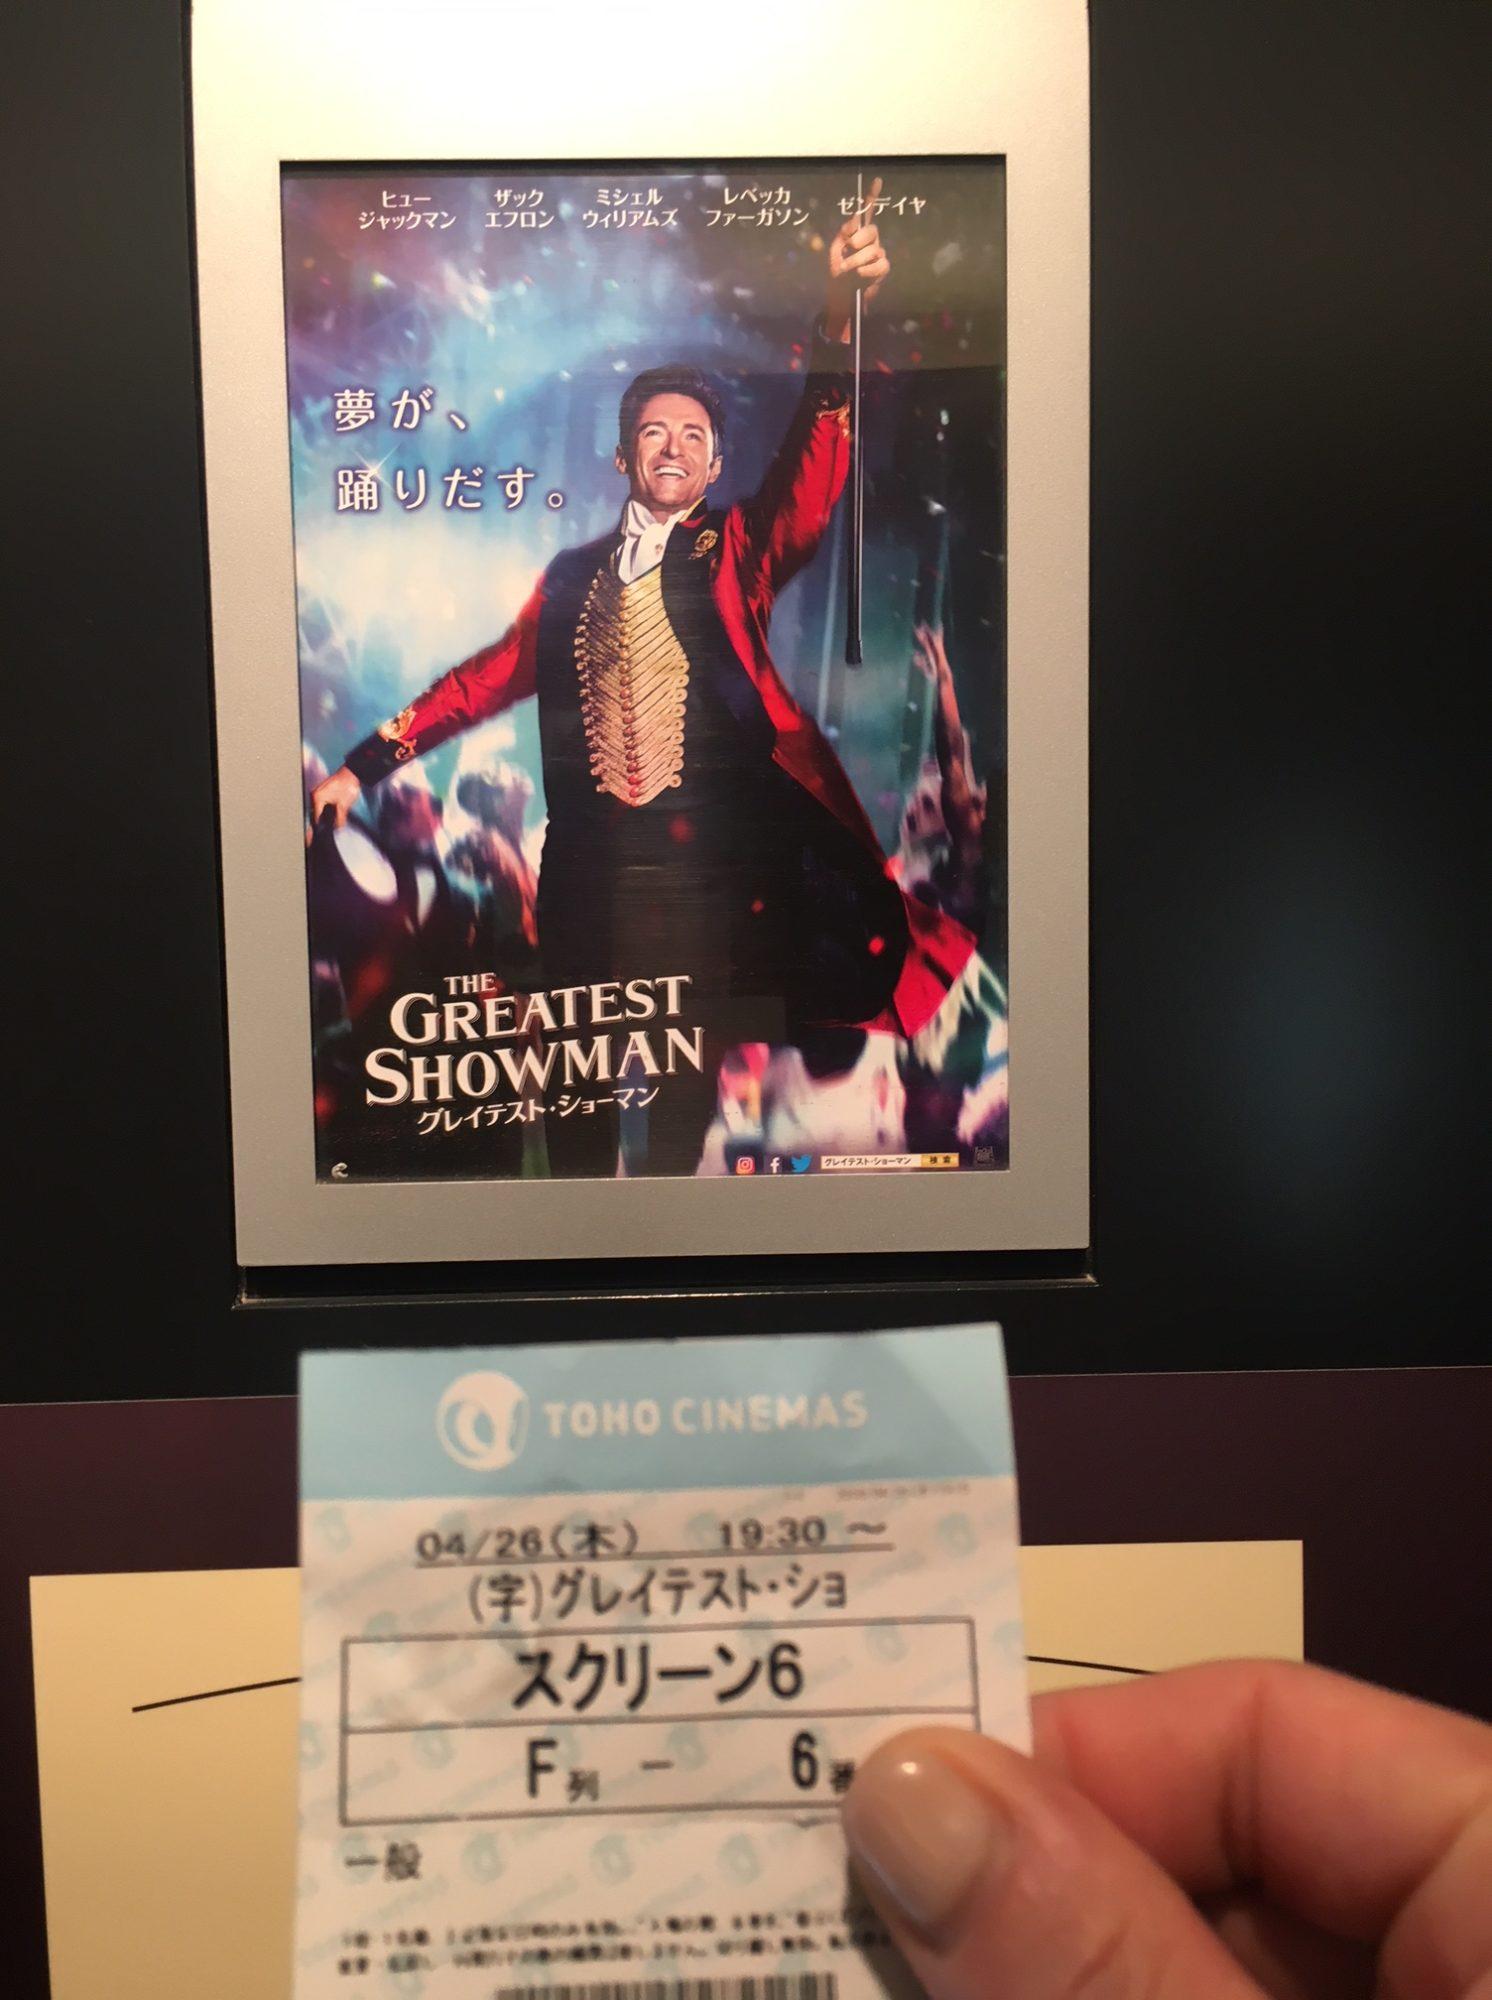 映画グレイテスト・ショーマン